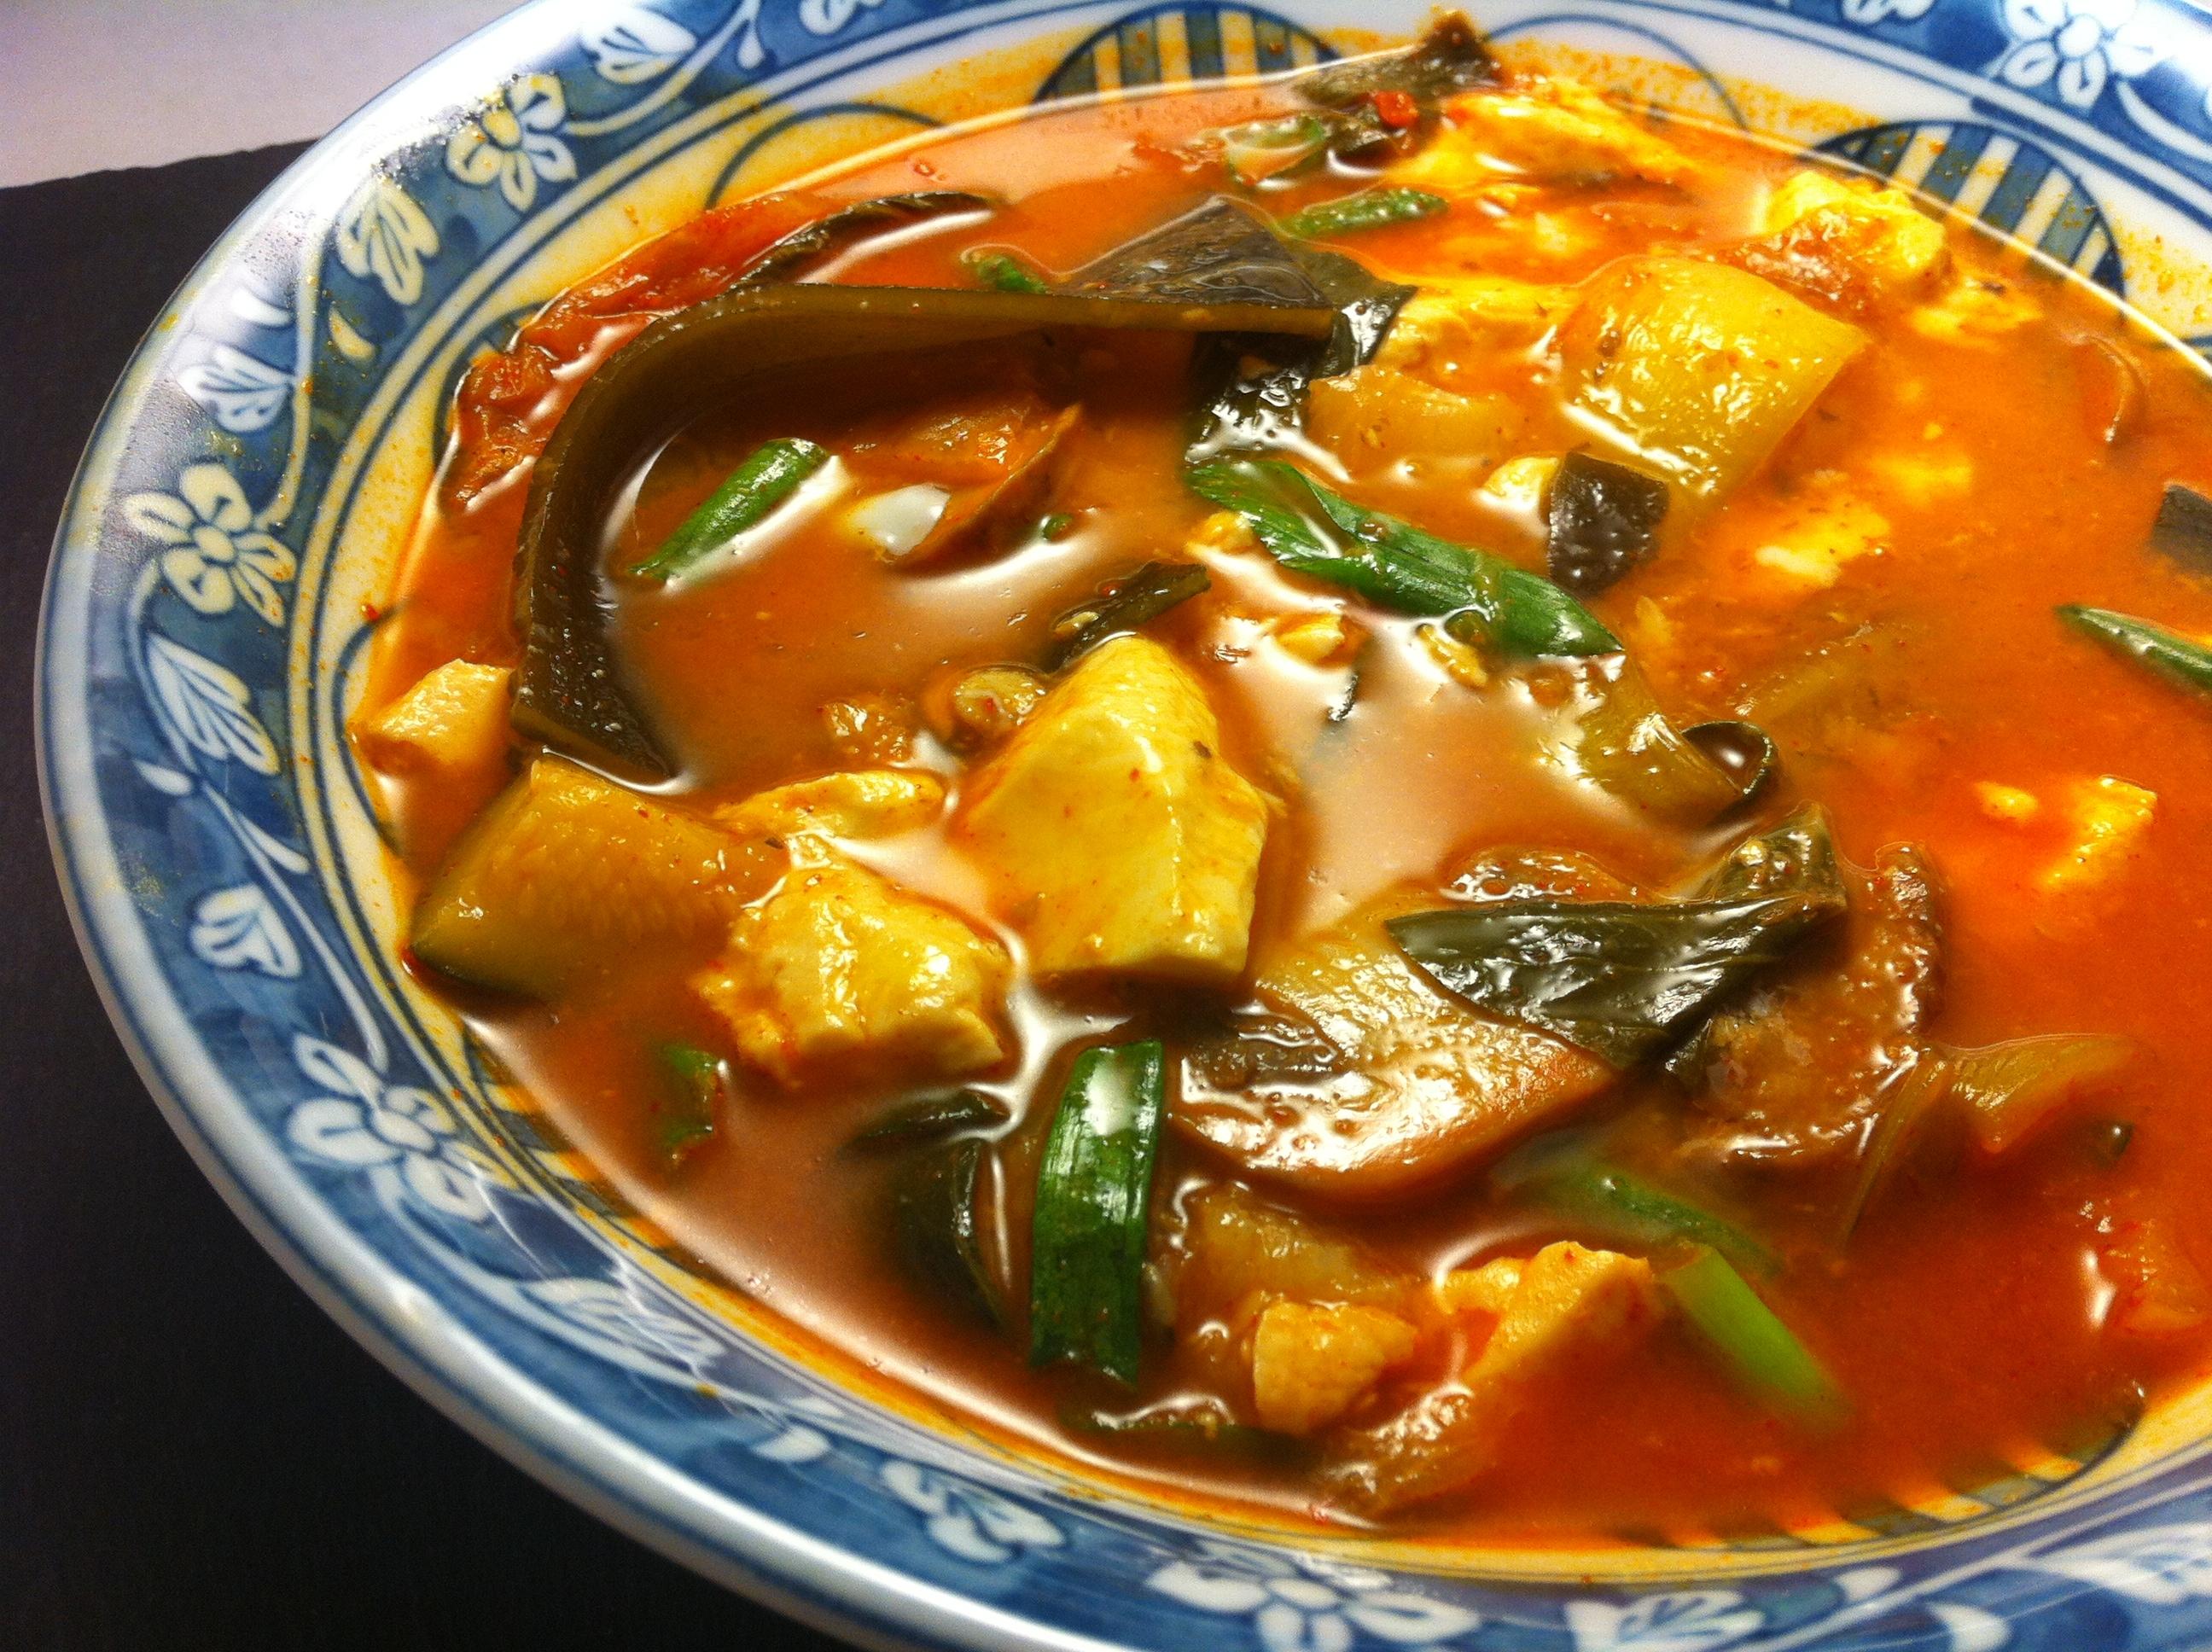 ... soondubu jjigae soft tofu so i made soondubu jjigae soondubu jjigae